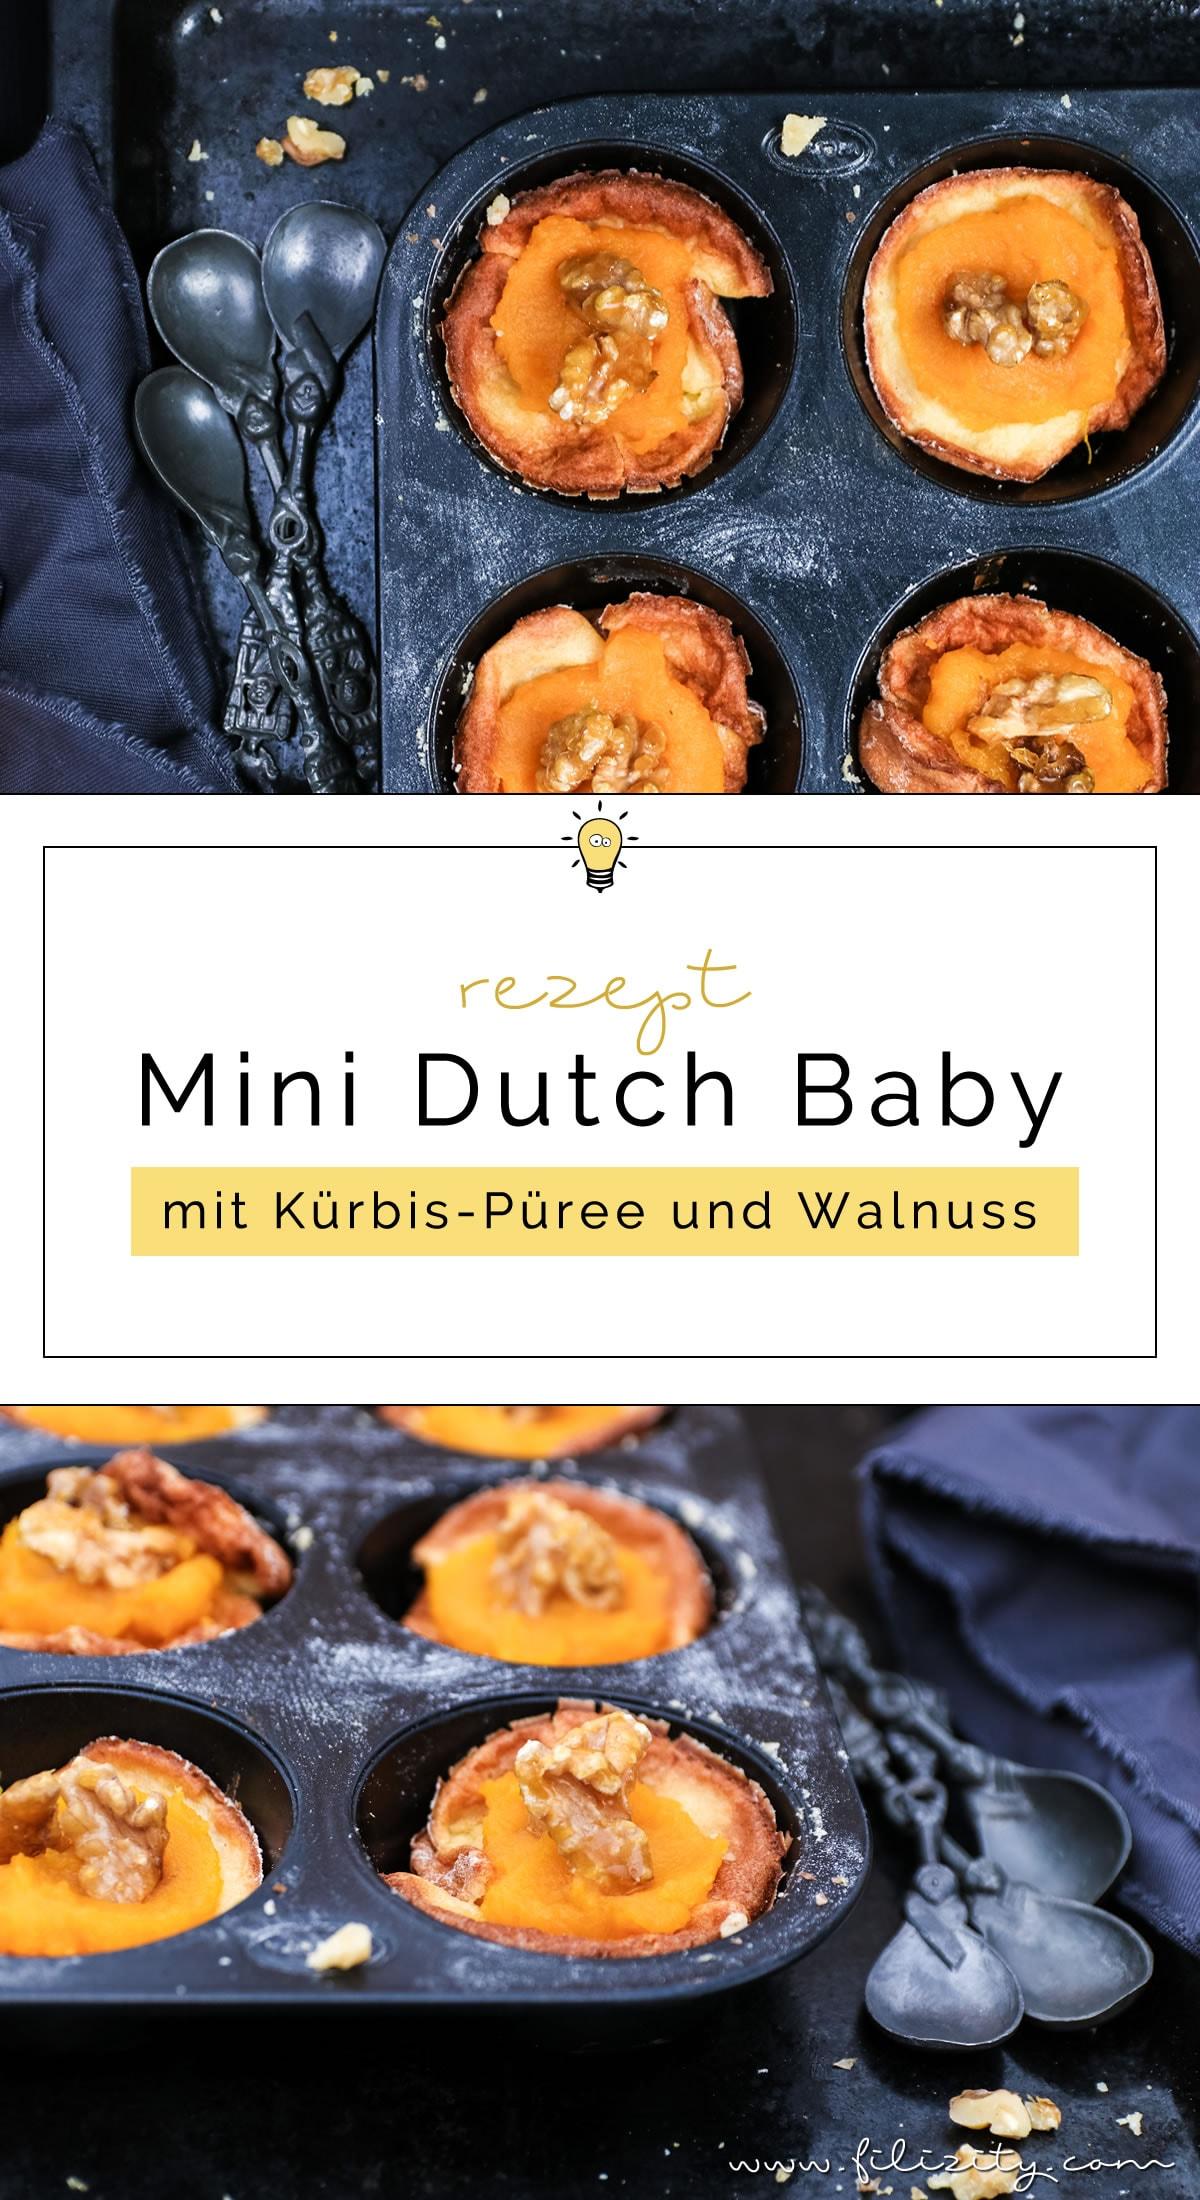 Herbst-Rezept: Mini Dutch Babies (Pfannkuchen-Körbchen) mit Kürbispüree und karamellisierten Walnüssen #dutch #kürbis #herbst